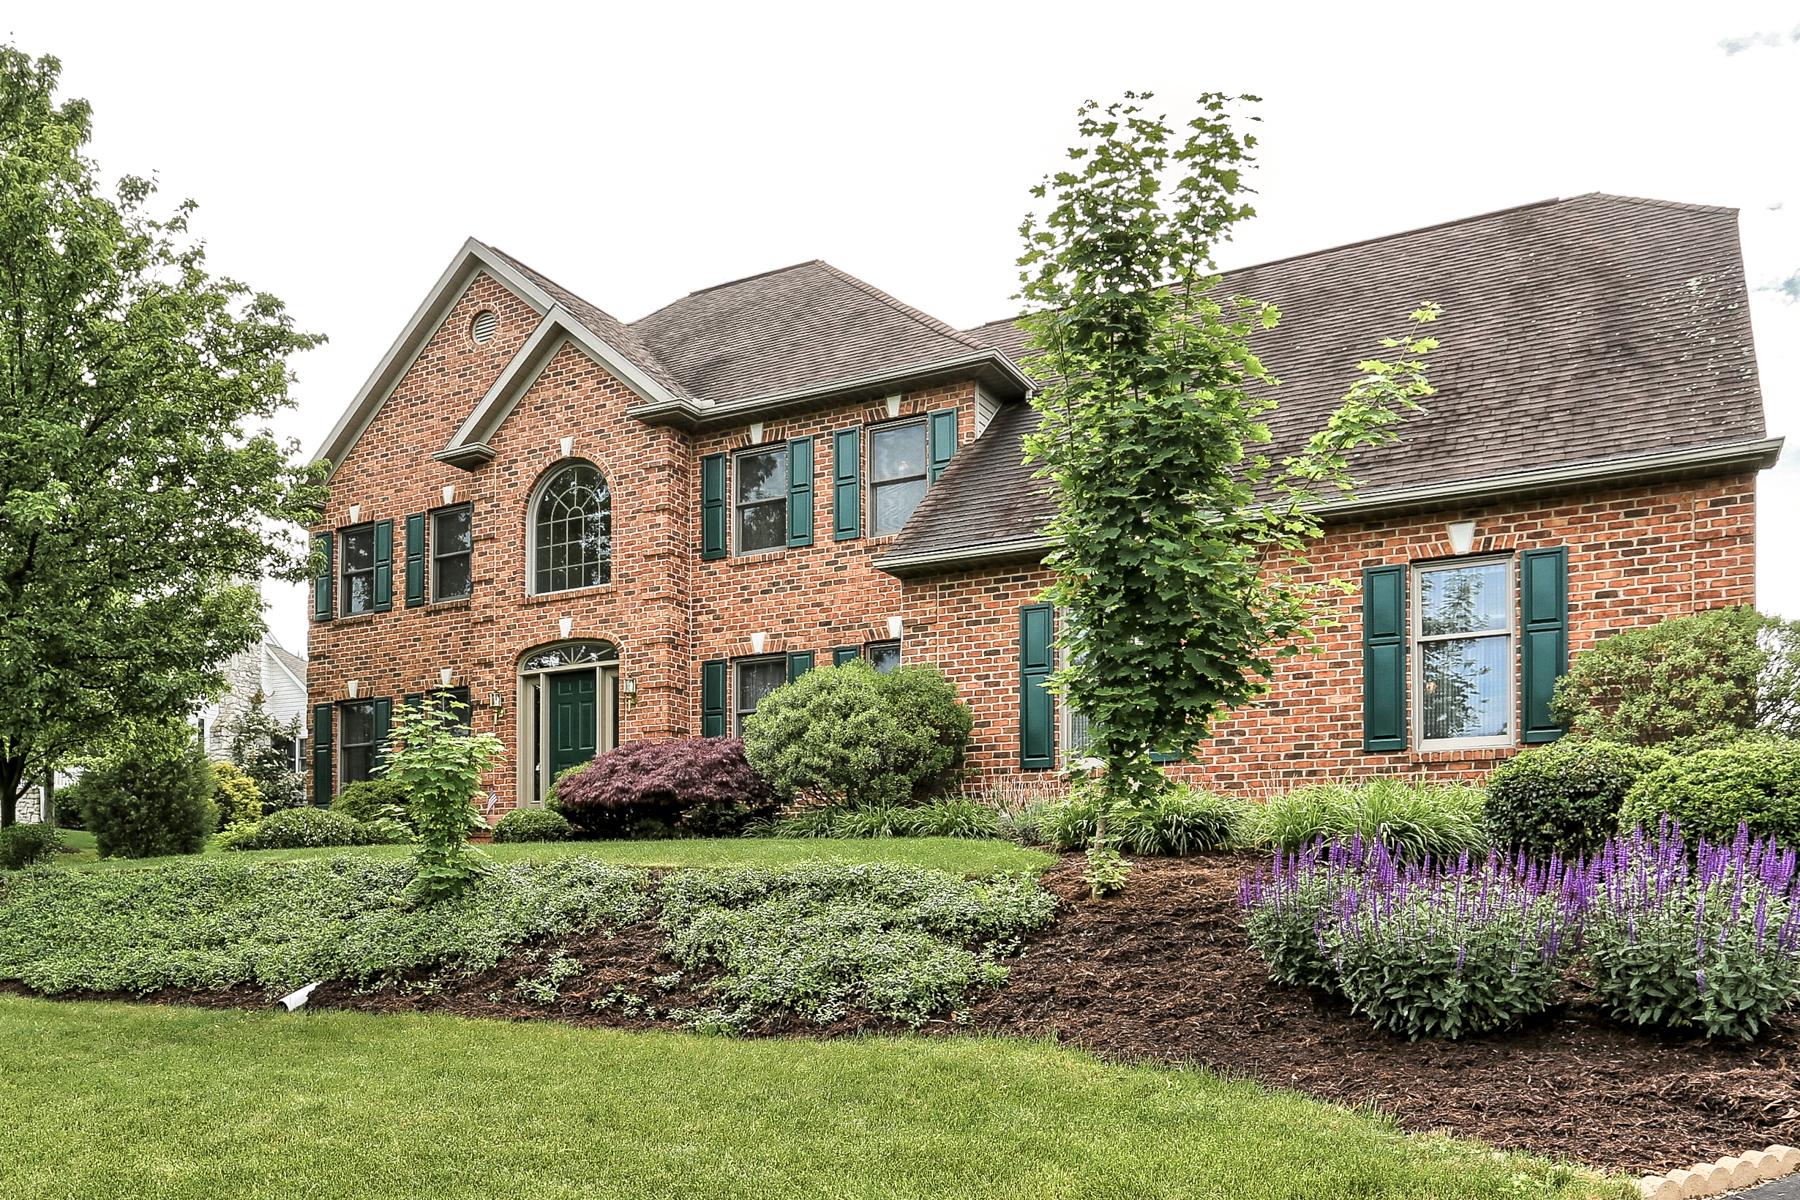 Maison unifamiliale pour l Vente à 58 Old English Lane Elizabethtown, Pennsylvanie 17022 États-Unis